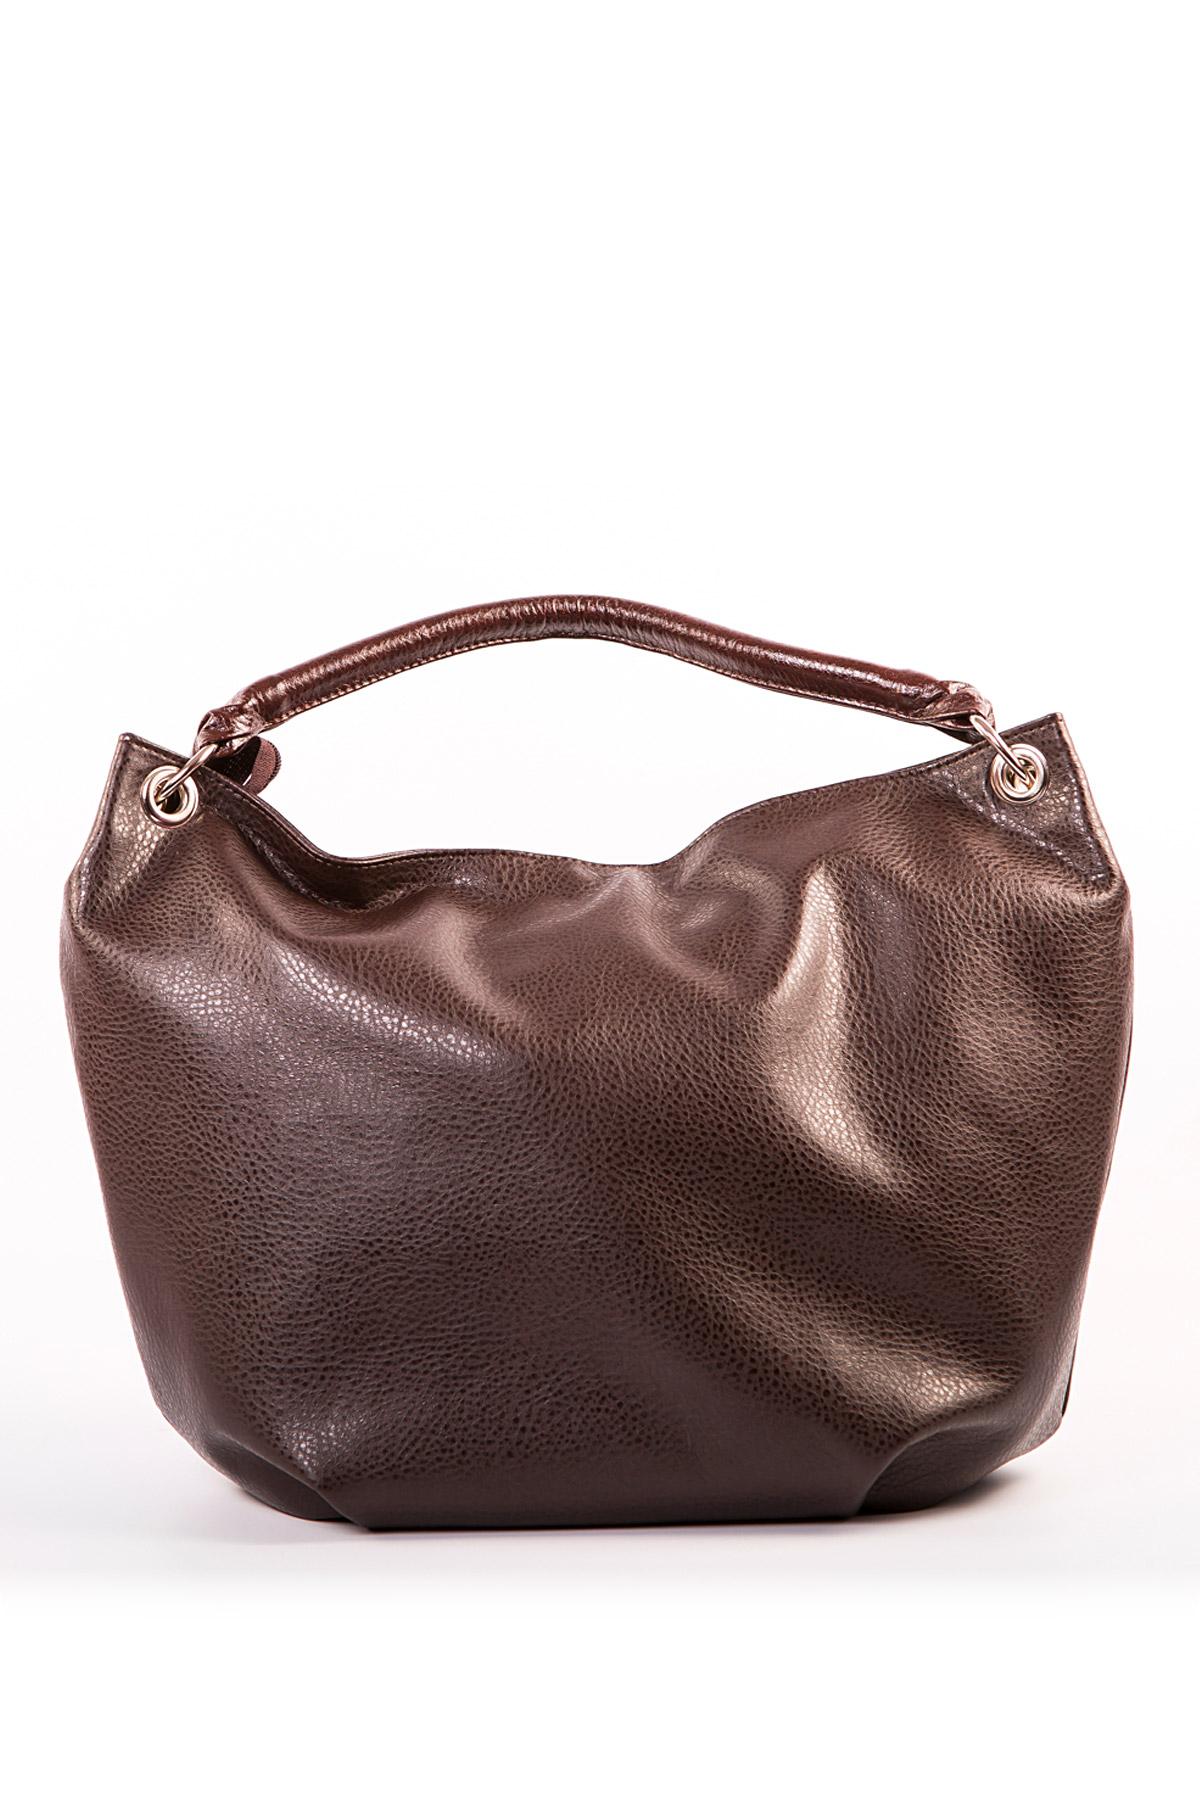 d1fcc02b756a Женские сумки оптом: купить в Украине недорого